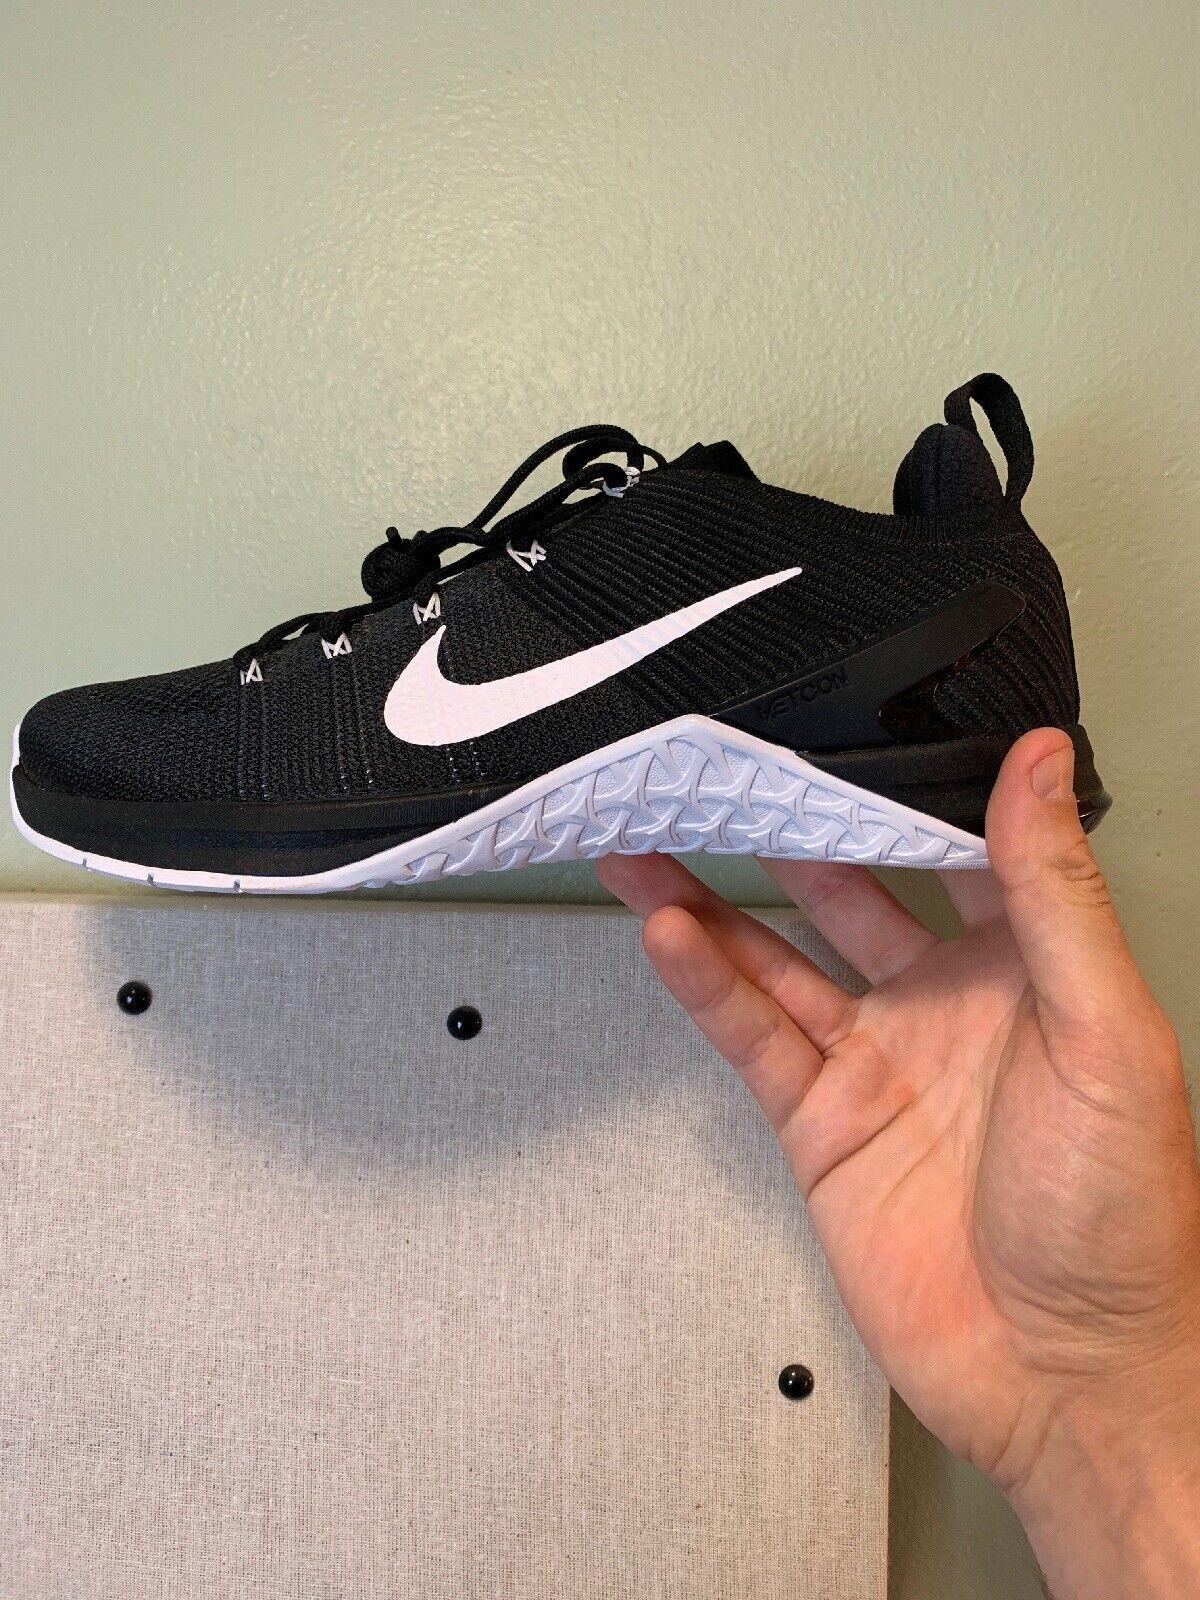 kvinnor Nike Metcon DSX Flysticka 2 Storlek 6 (924595 001)